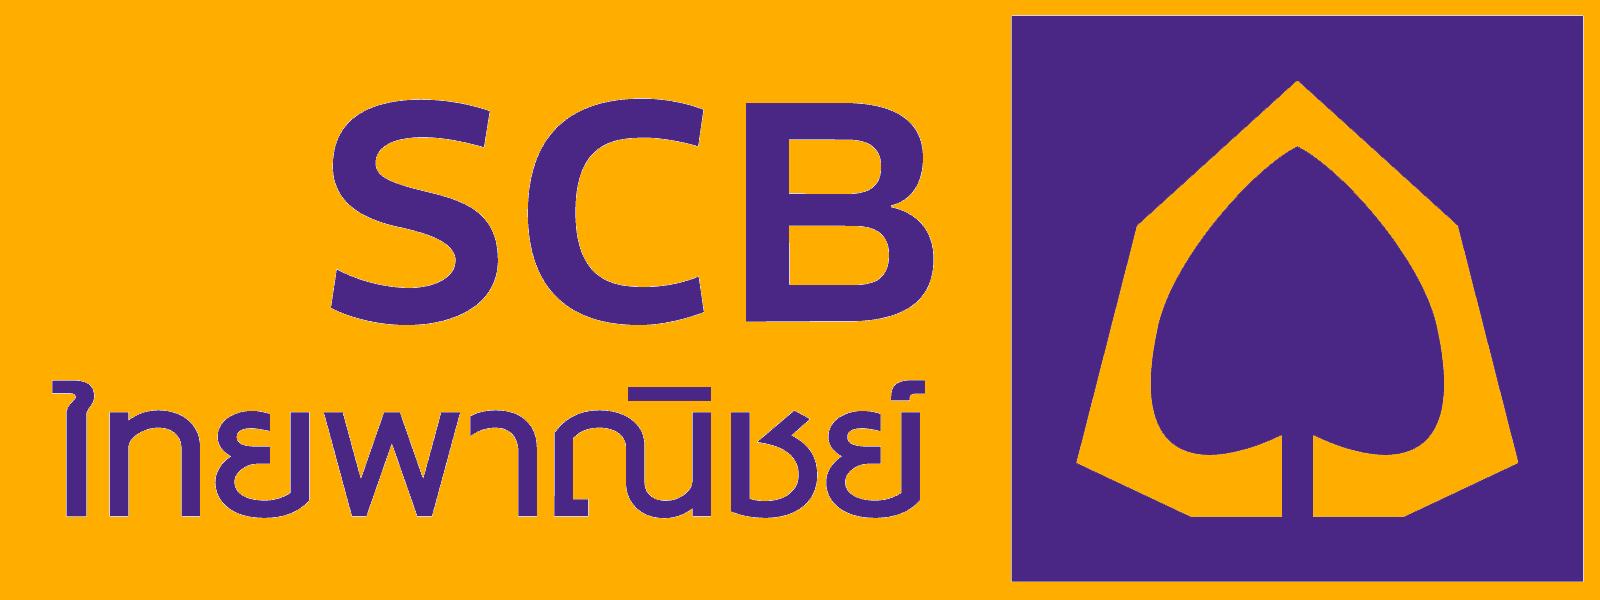 scb_2010logo